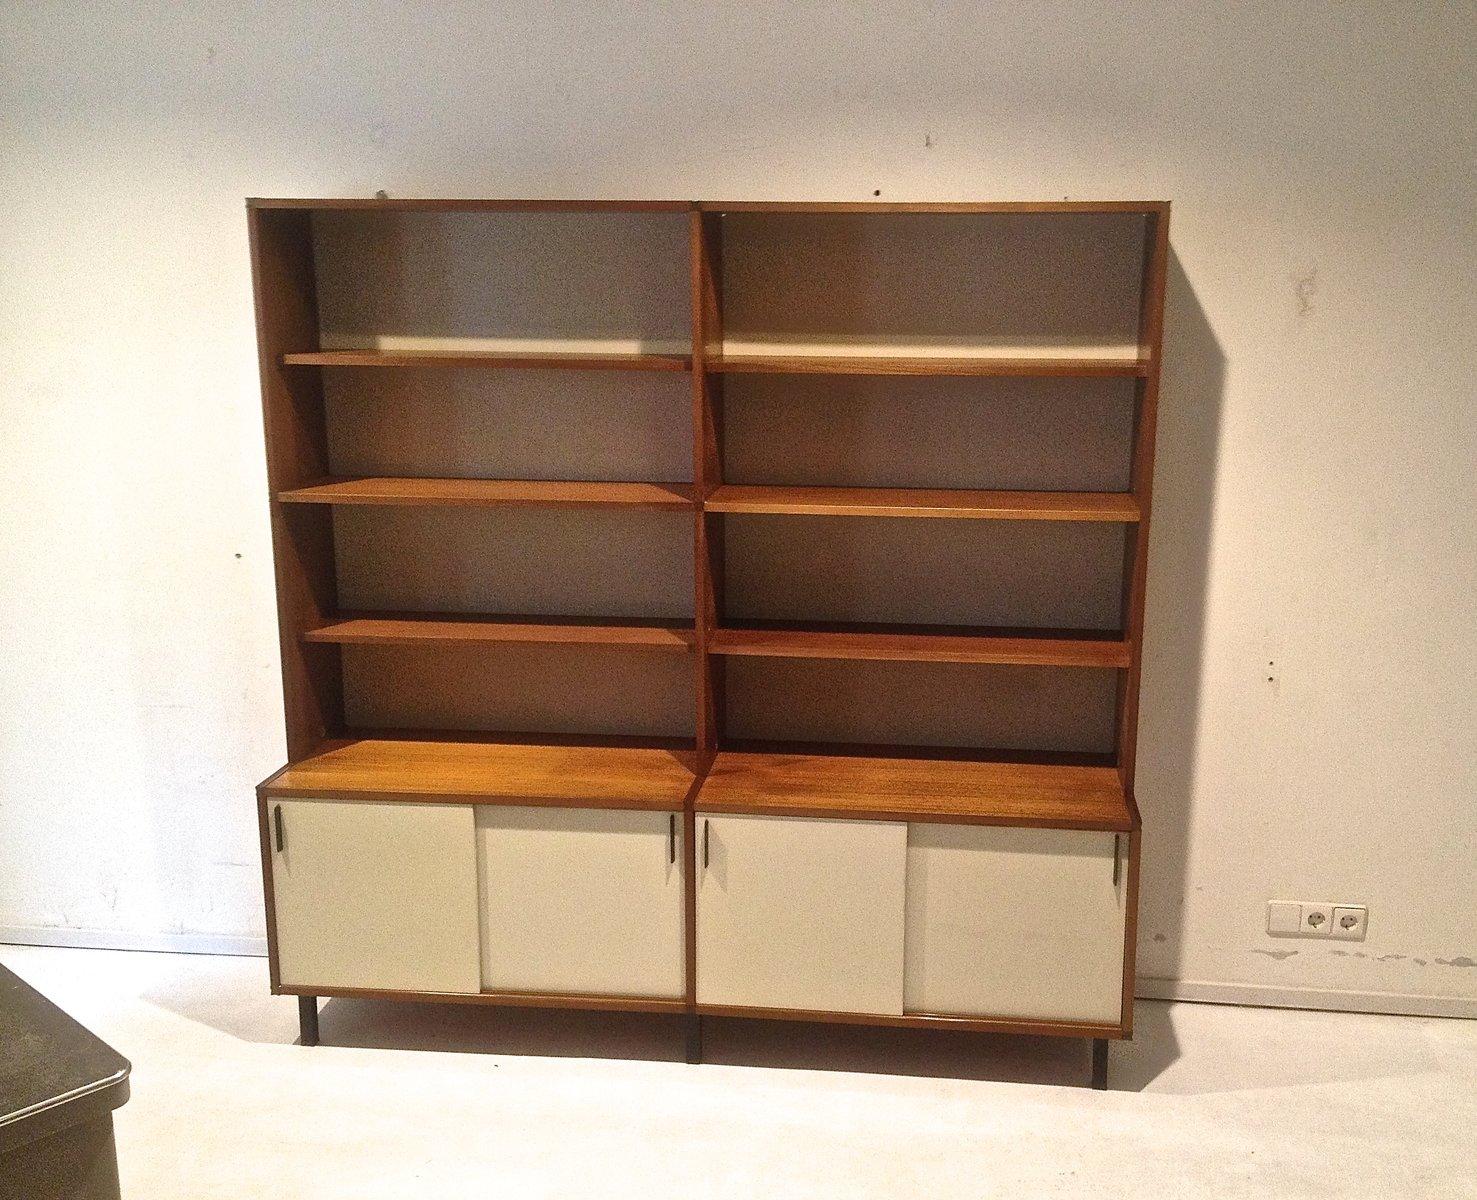 meuble de rangement vintage par cees braakman pour pastoe pays bas en vente sur pamono. Black Bedroom Furniture Sets. Home Design Ideas